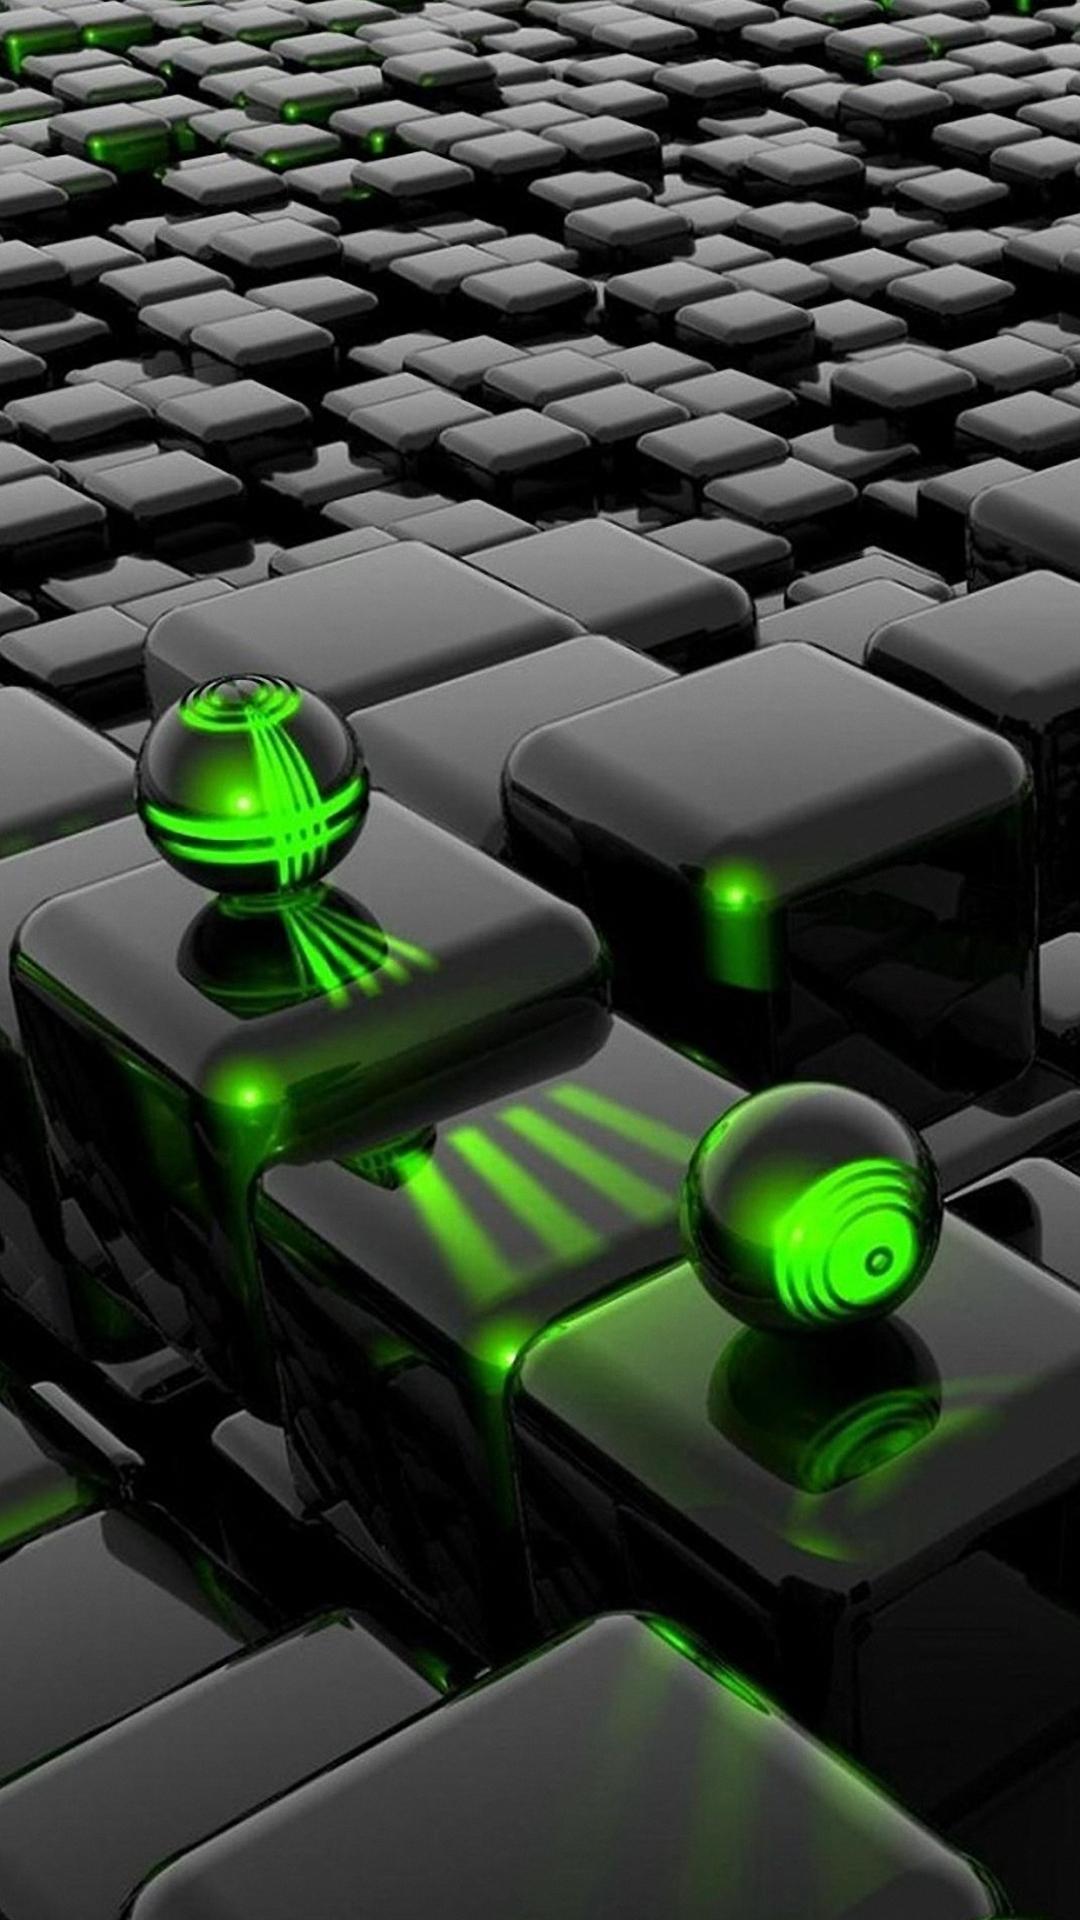 1080x1920 3d Green Ball Dark Cubes iphone 6s plus Wallpaper HD 1080x1920